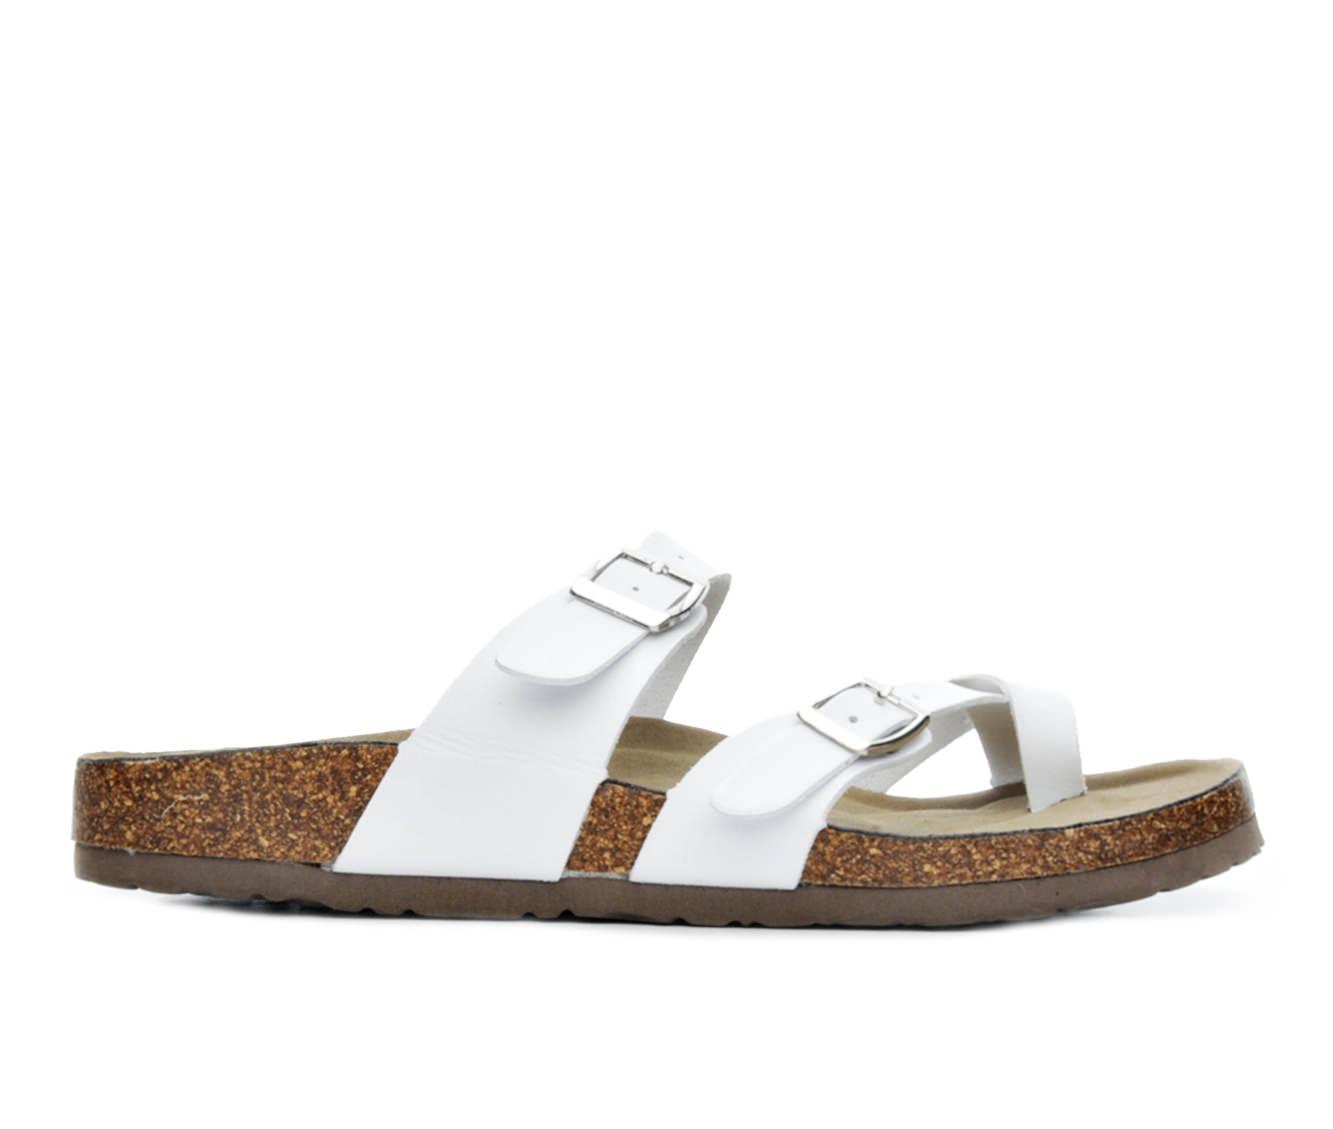 Women's Madden Girl Bryceee Sandals (White)